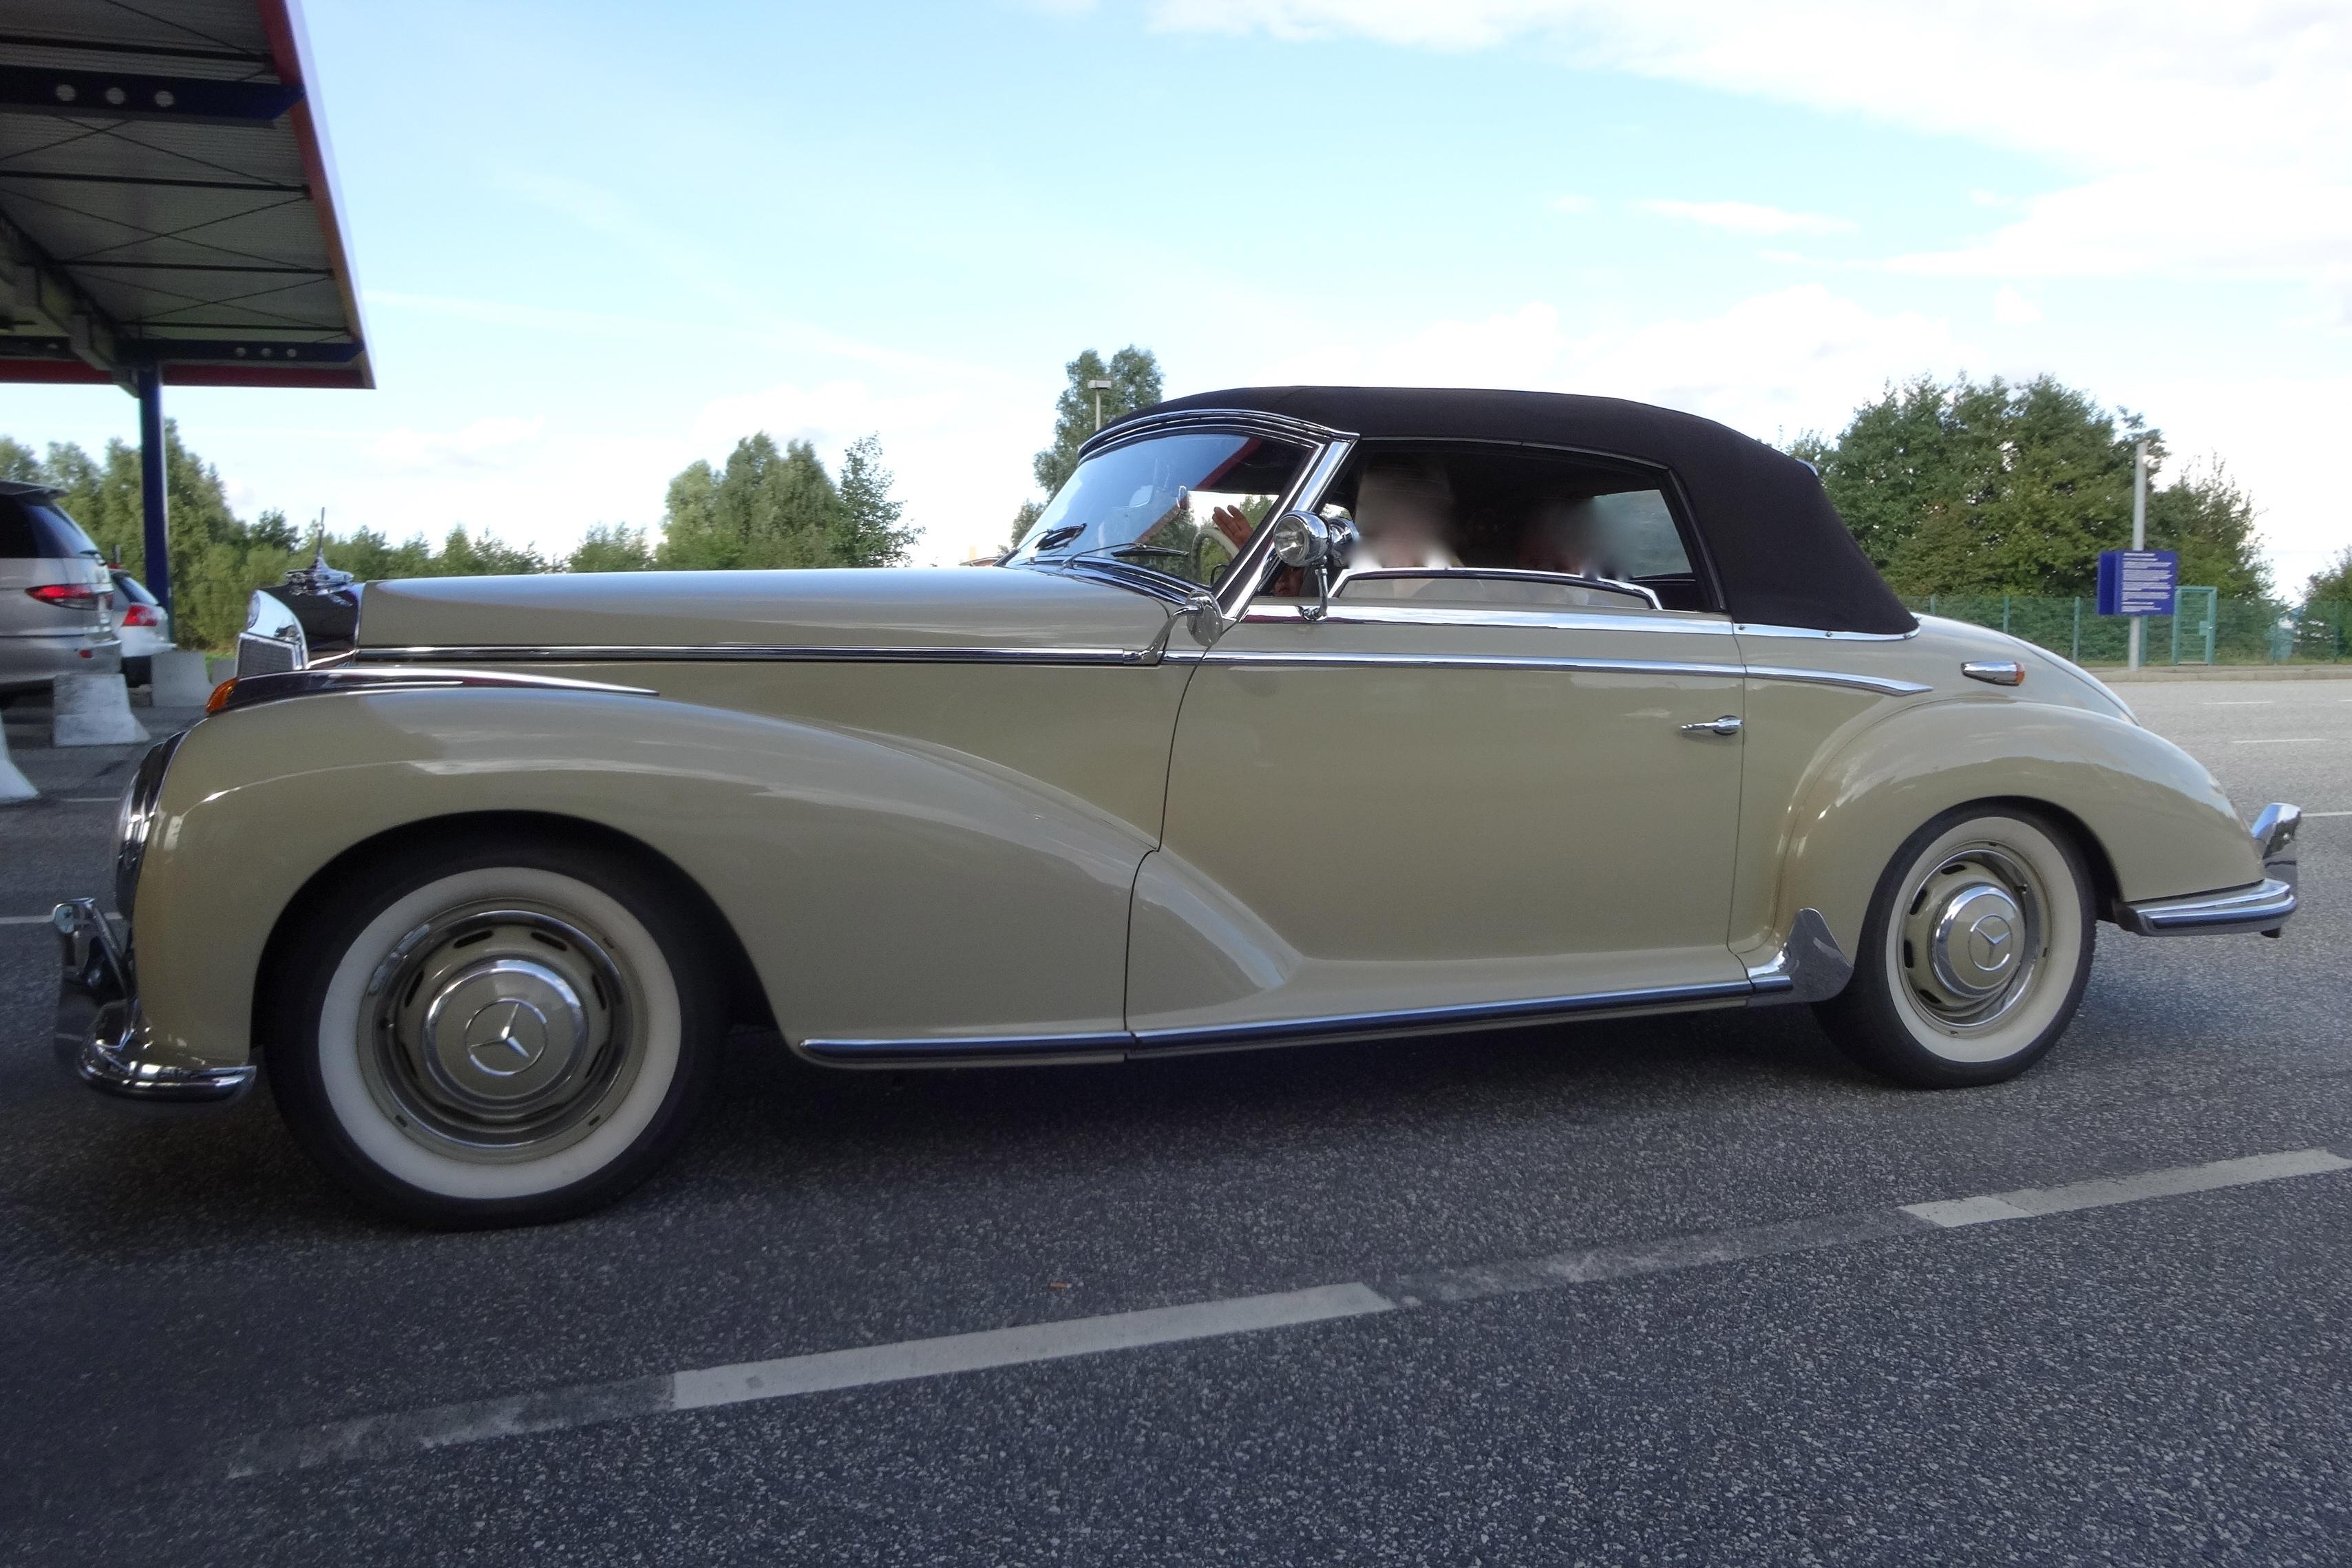 Mercedes 300 S Roadster - driven by a lady / von einer Dame gefahren